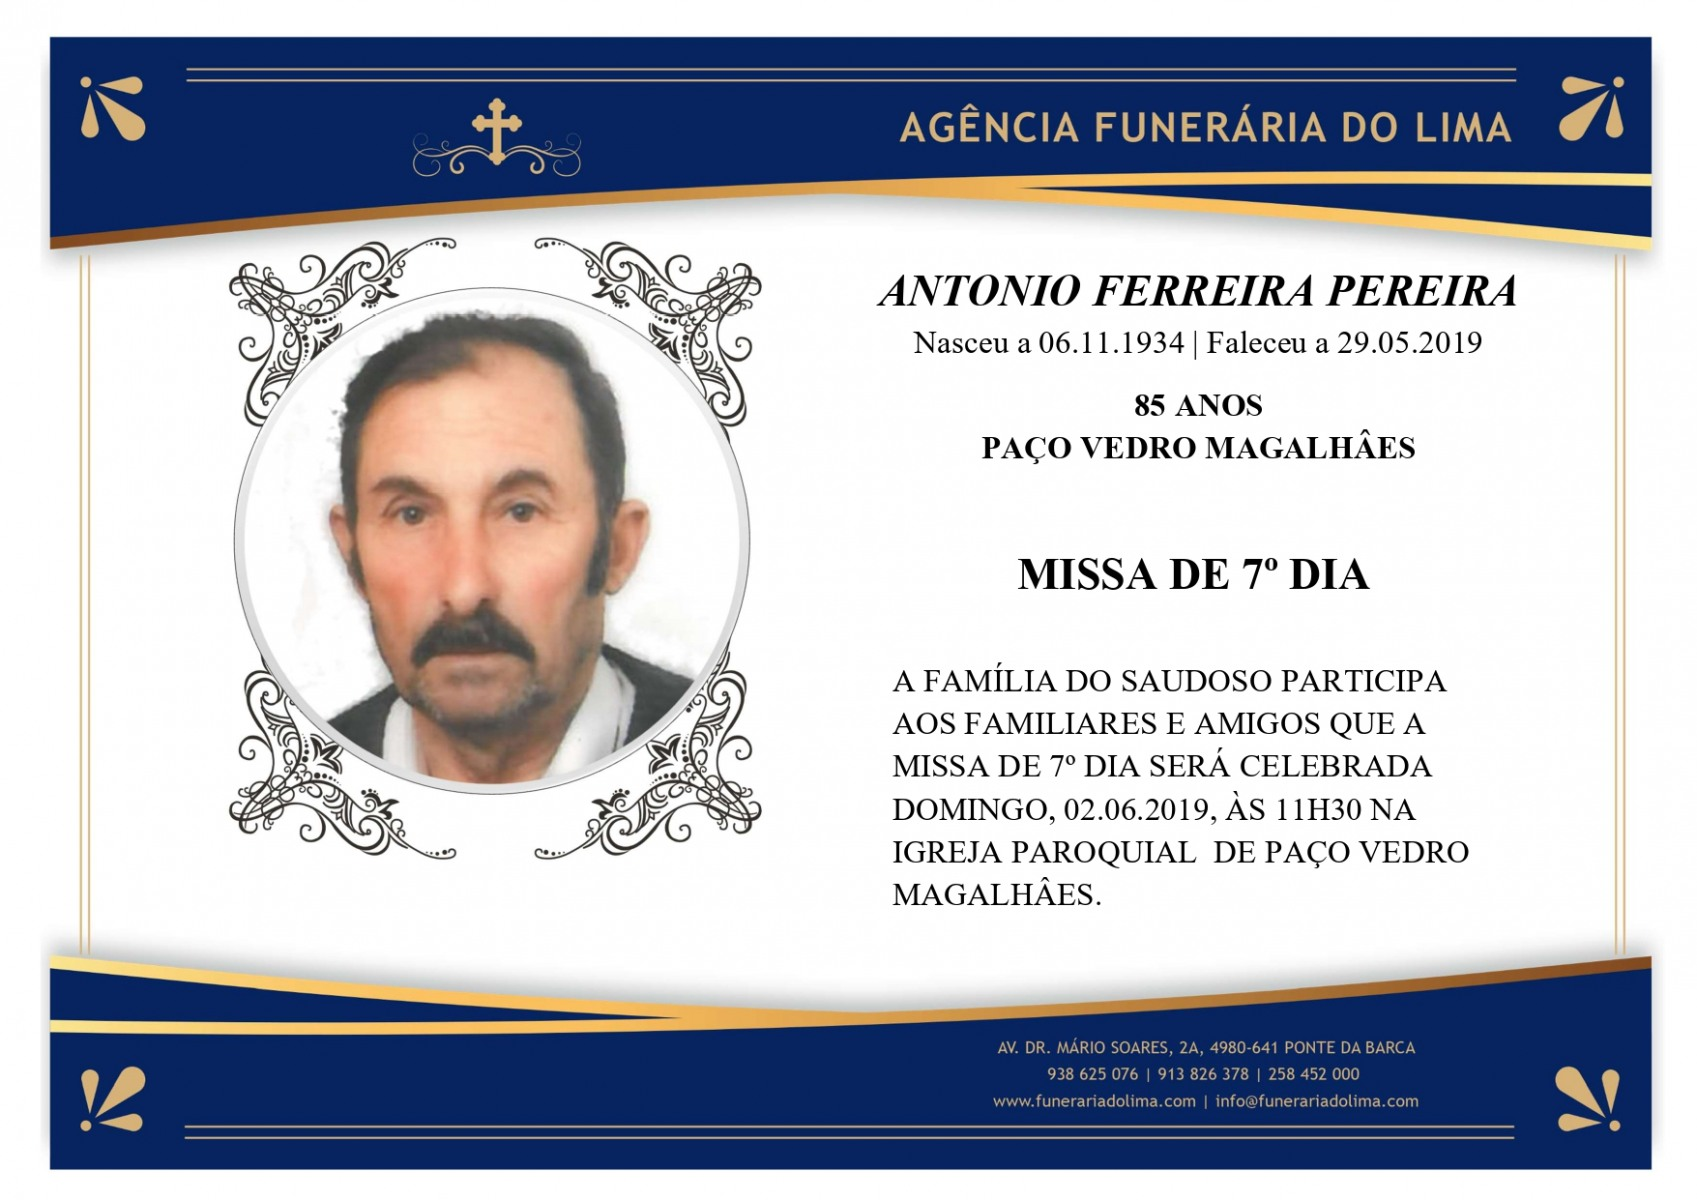 António Ferreira Pereira